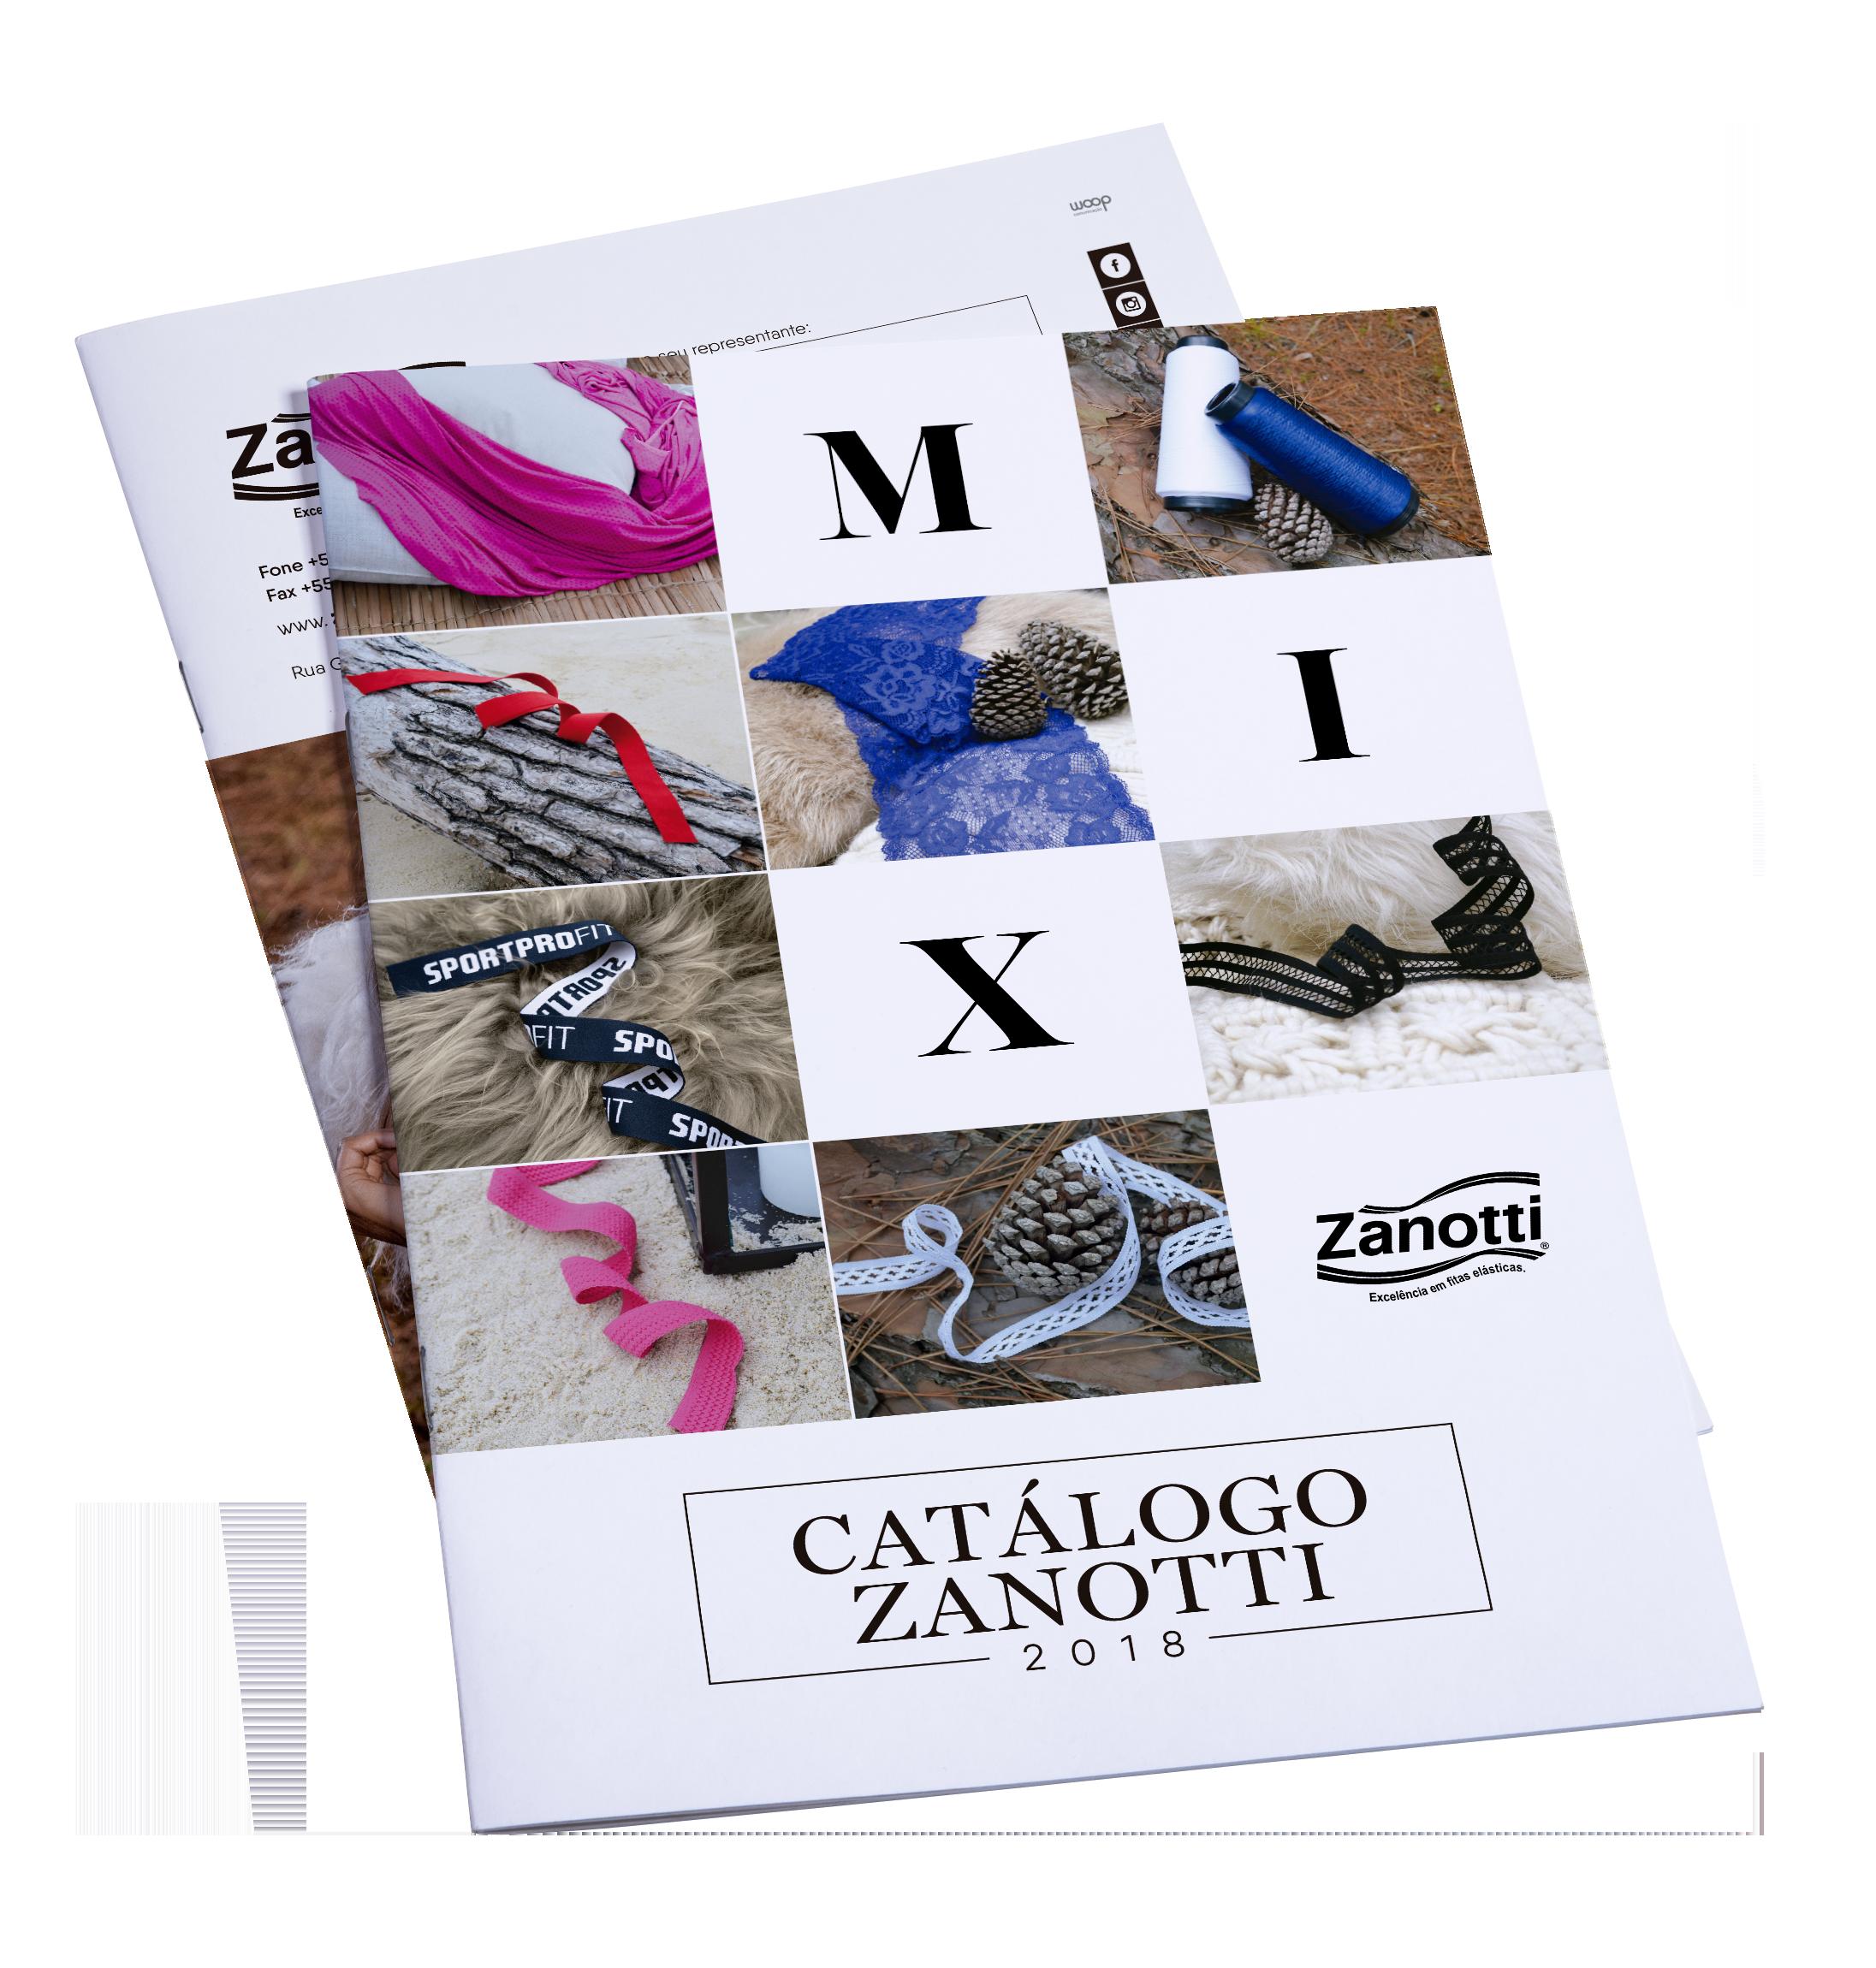 catalogo-zanotti-2018